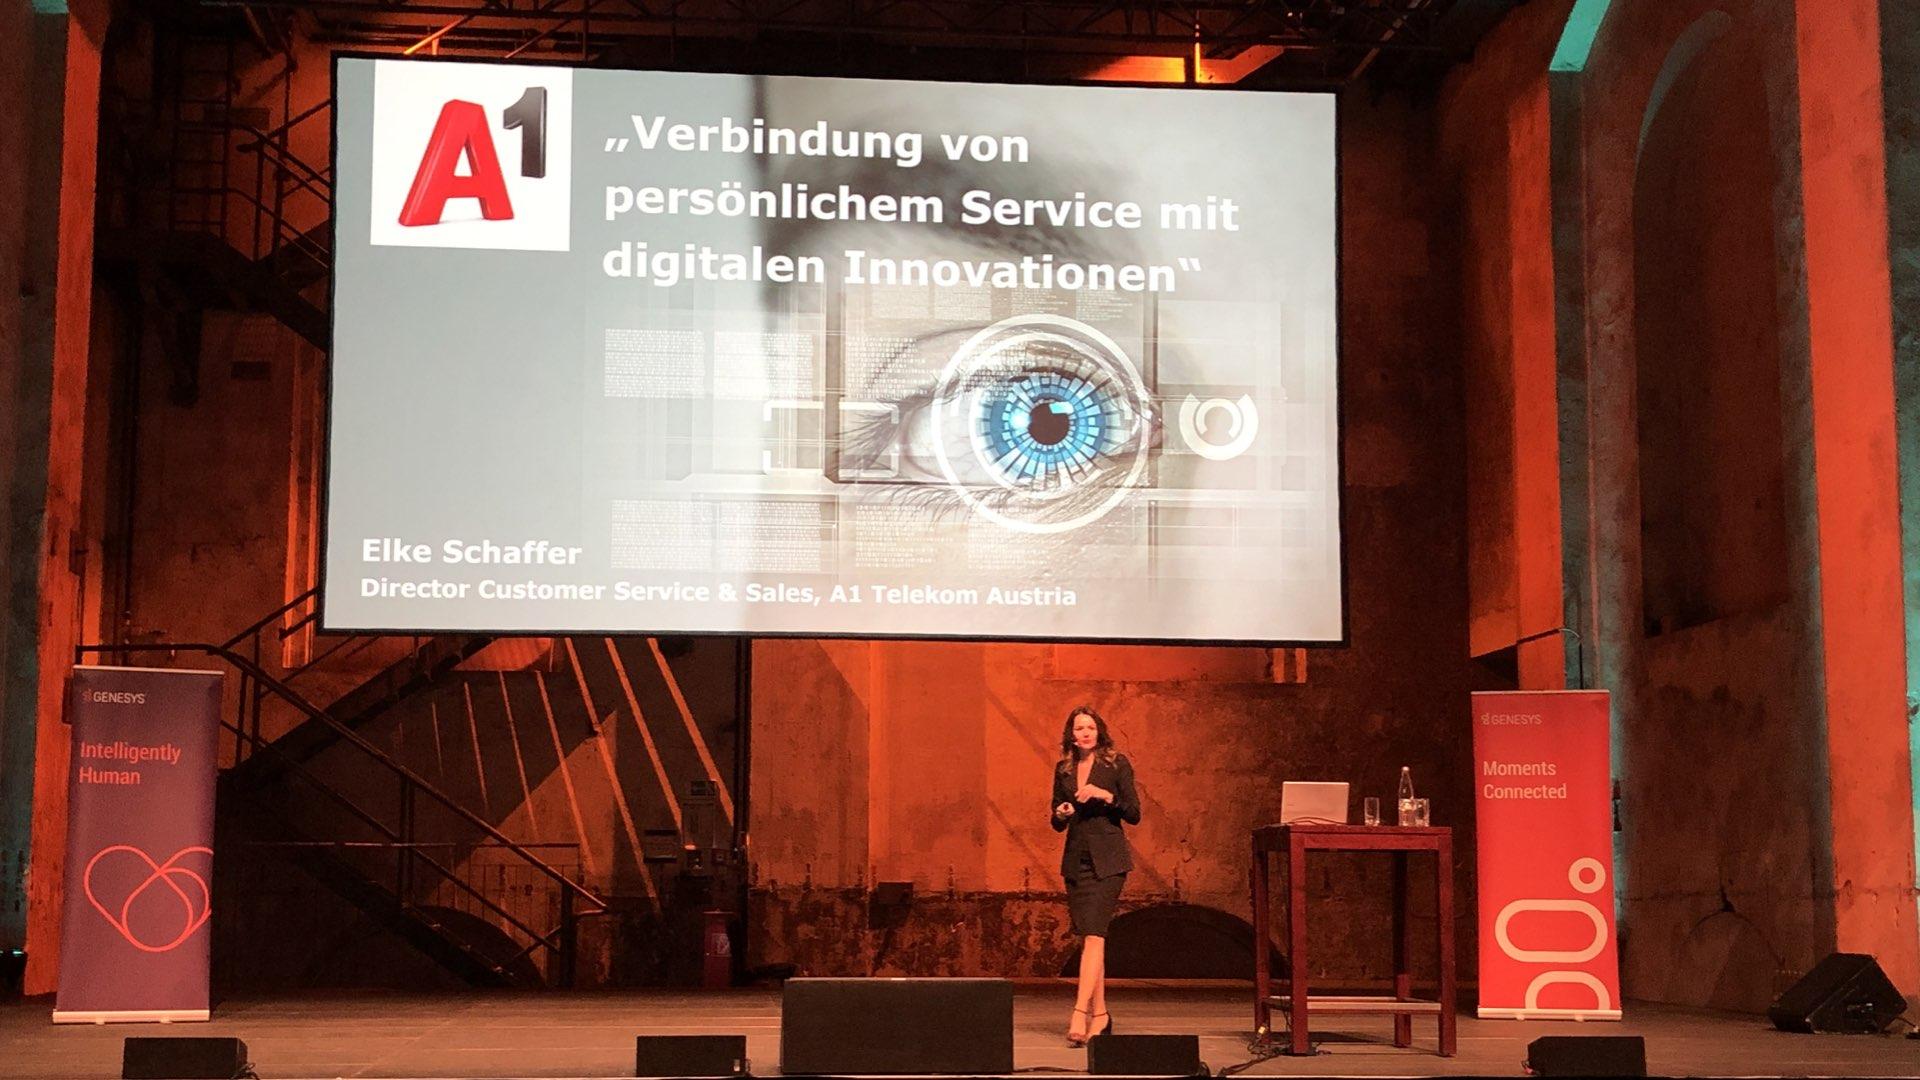 Elke Schaffer (Director Customer Service & Sales von A1) über persönlichen Kundenservice